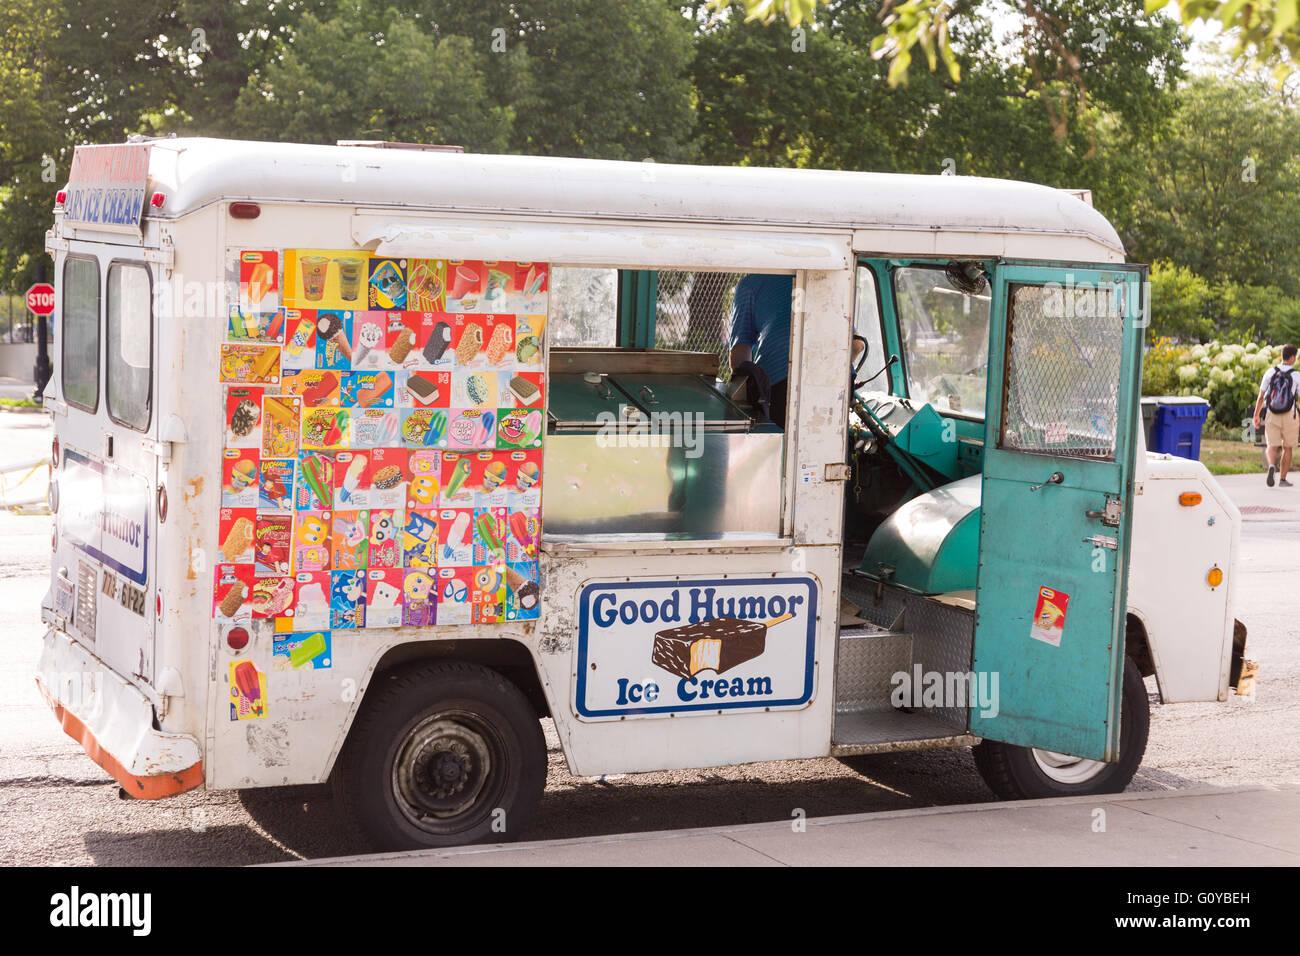 Un buen humor camión de helados a lo largo de Lincoln Park en un día de verano en Chicago, Illinois, EE.UU. Imagen De Stock